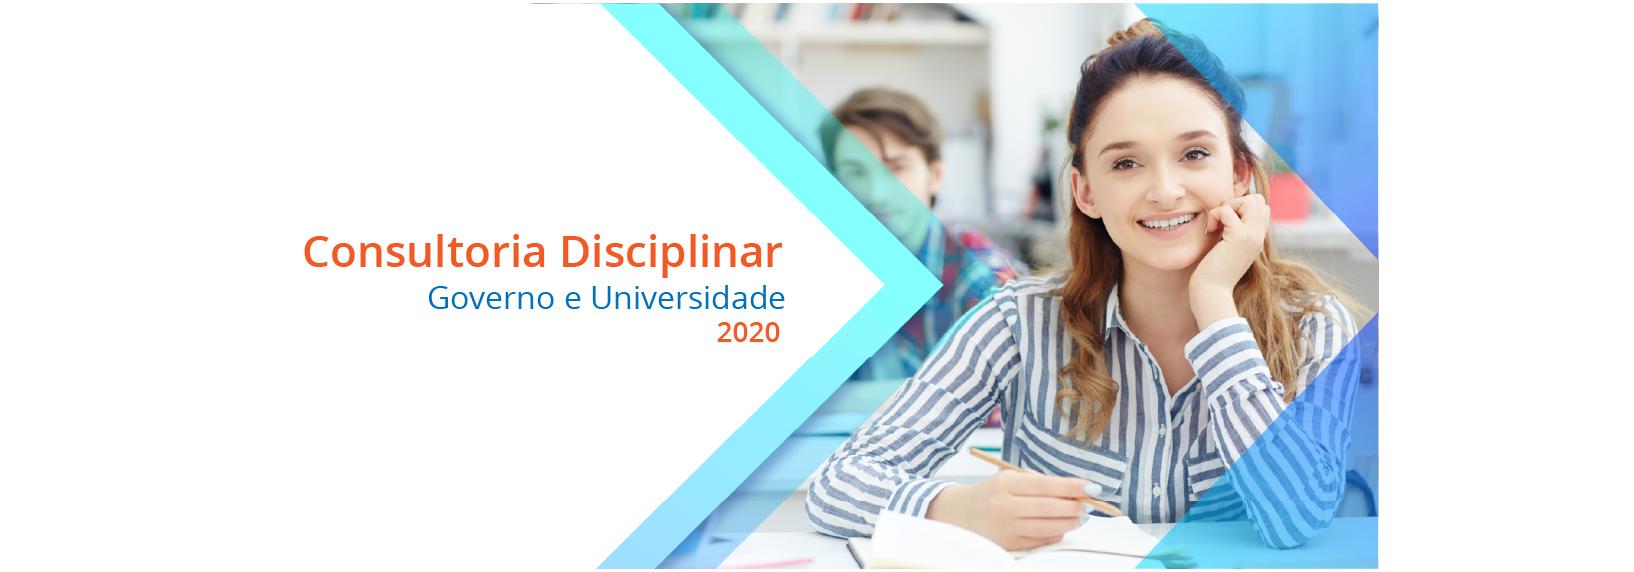 Governo do Estado pode resolver lacunas de gestão com ajuda de alunos da graduação da UDESC